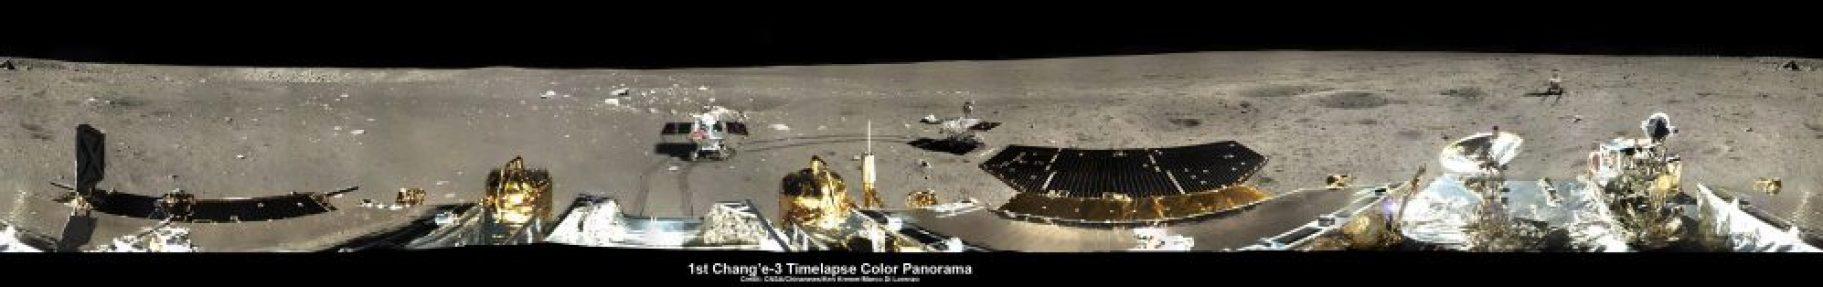 Panorama de la Lune prise par l'aterrisseur Chang'e-3 (source : CNSA, Chinanews, Kenneth Kremer & Marco Di Lorenzo)